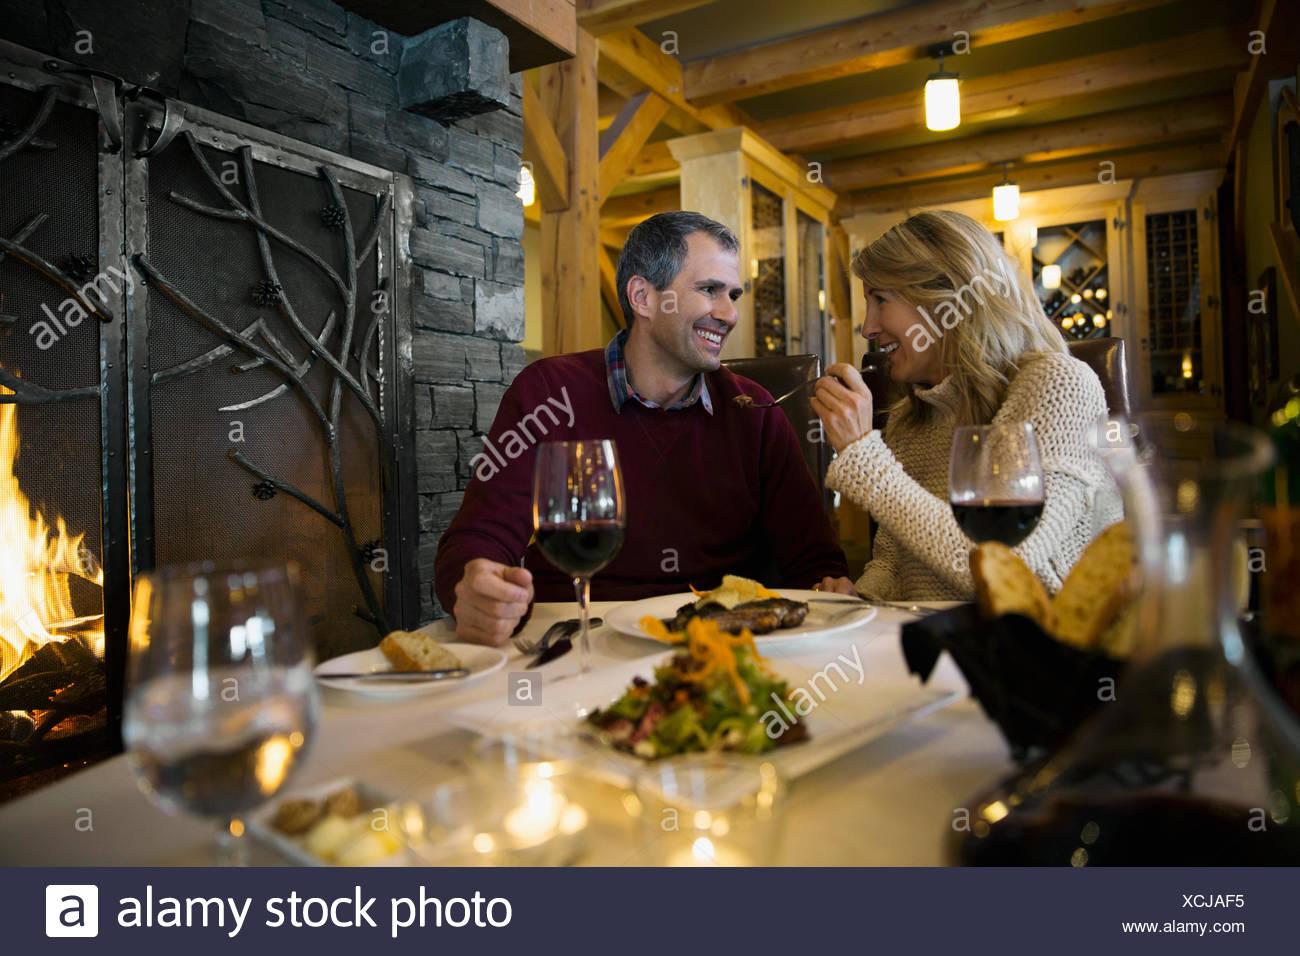 Couple enjoying fireside dinner at restaurant - Stock Image